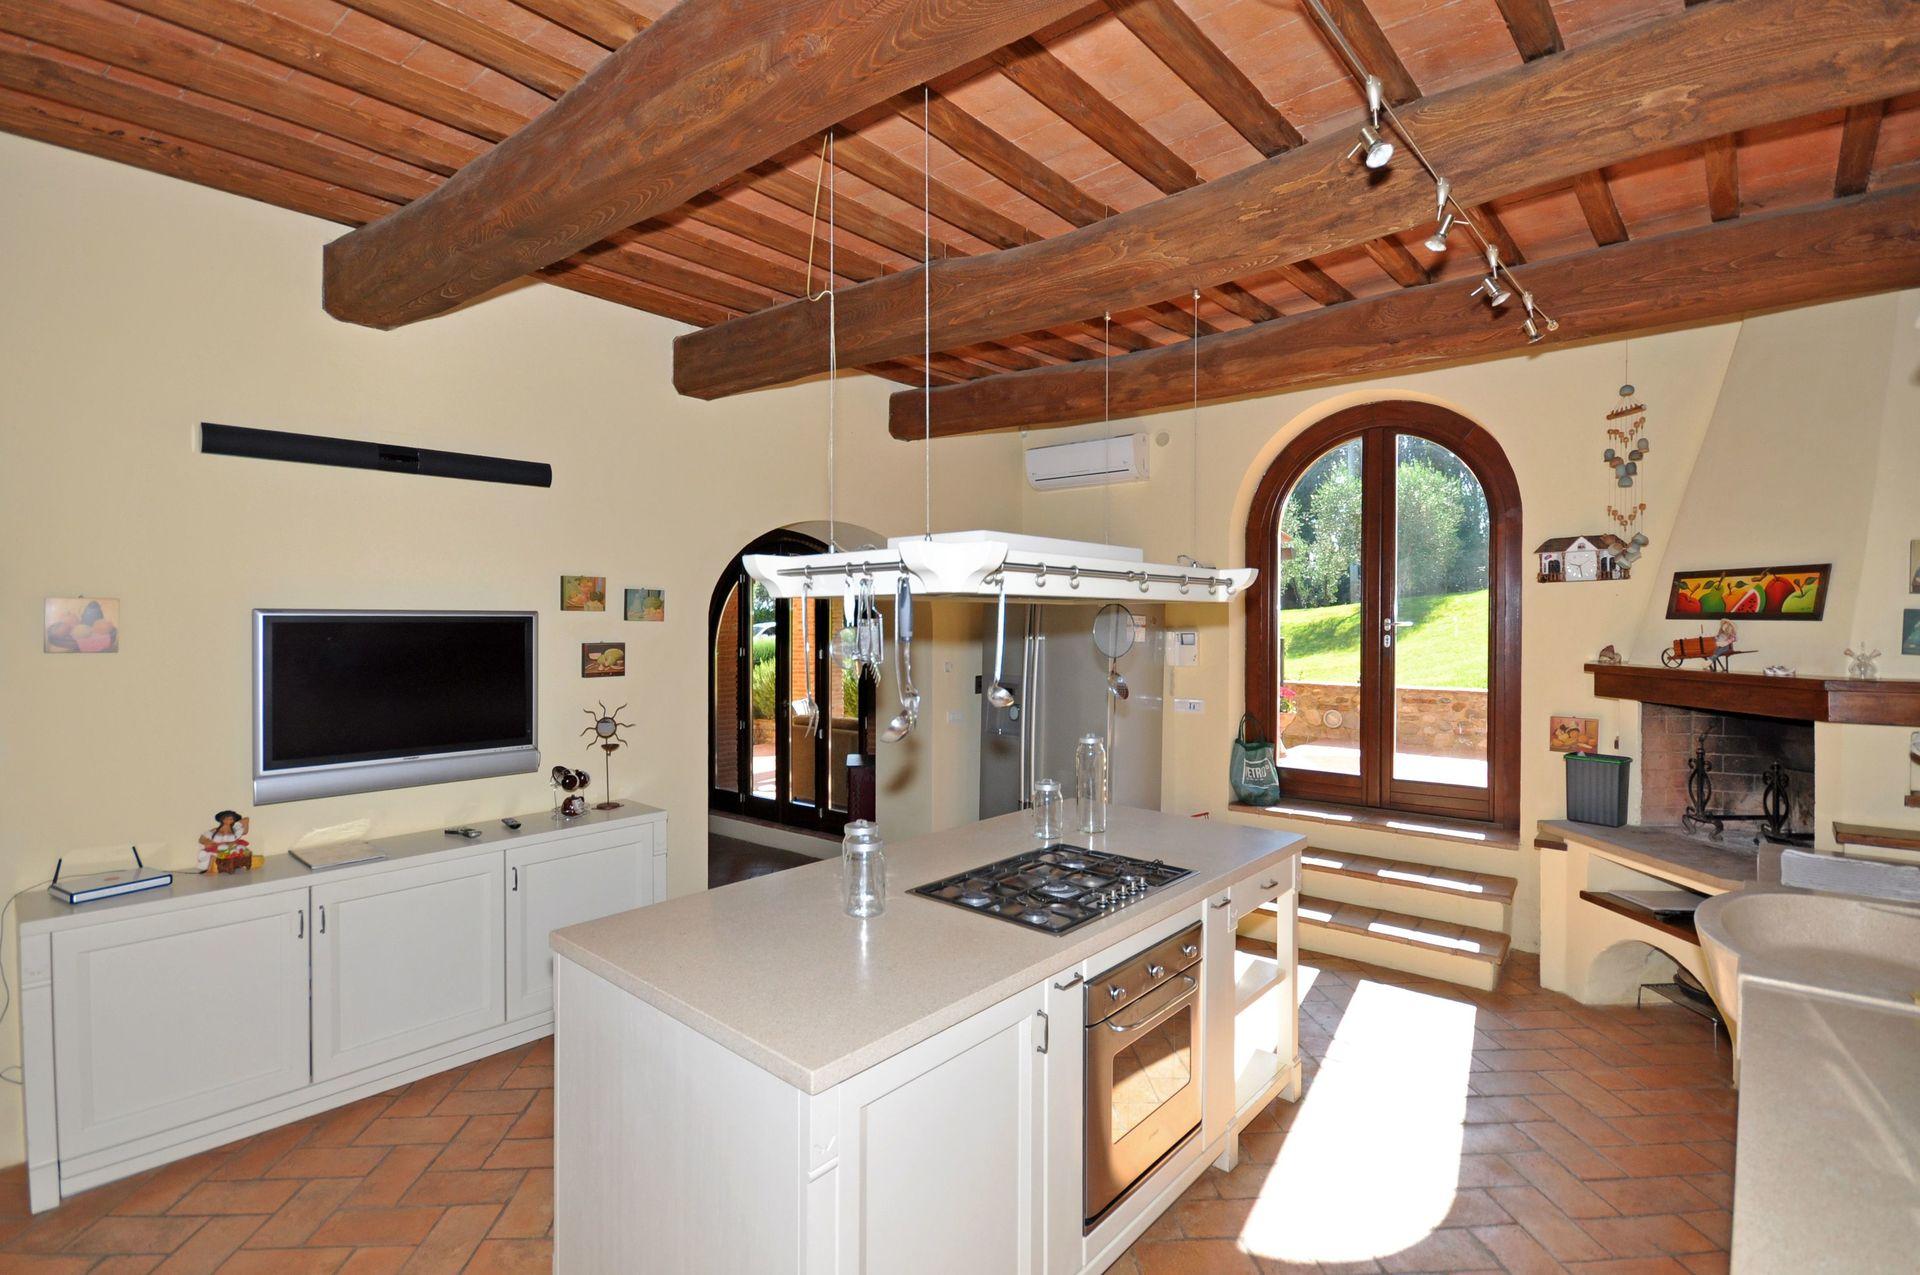 Villa nora casa vacanze con 11 posti letto in 5 camere for Villa con 5 camere da letto